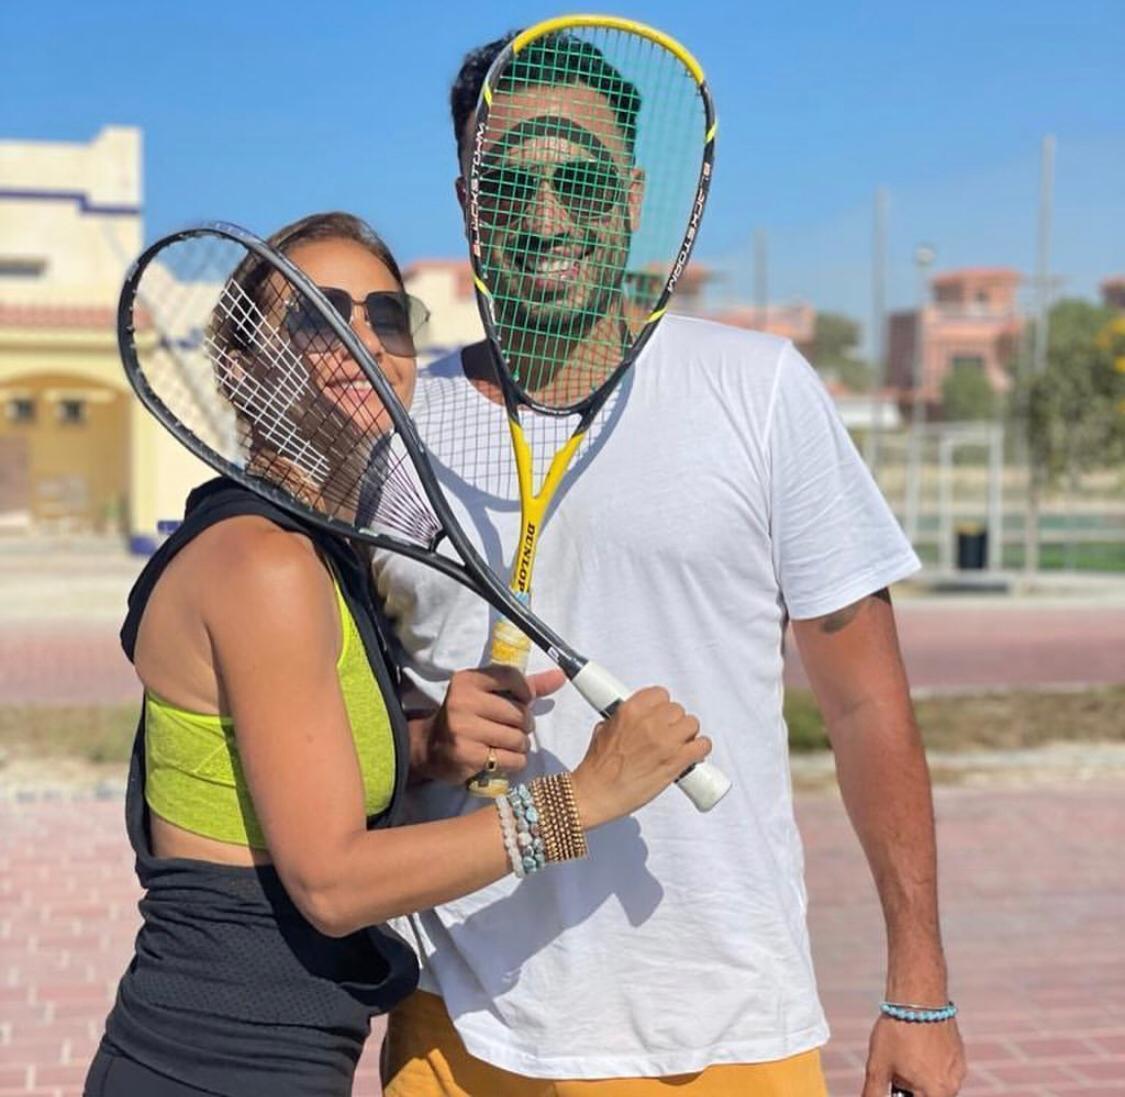 نيللي كريم وخطيبها .. الصورة من فانز نيللي كريم على فيسبوك.jpg